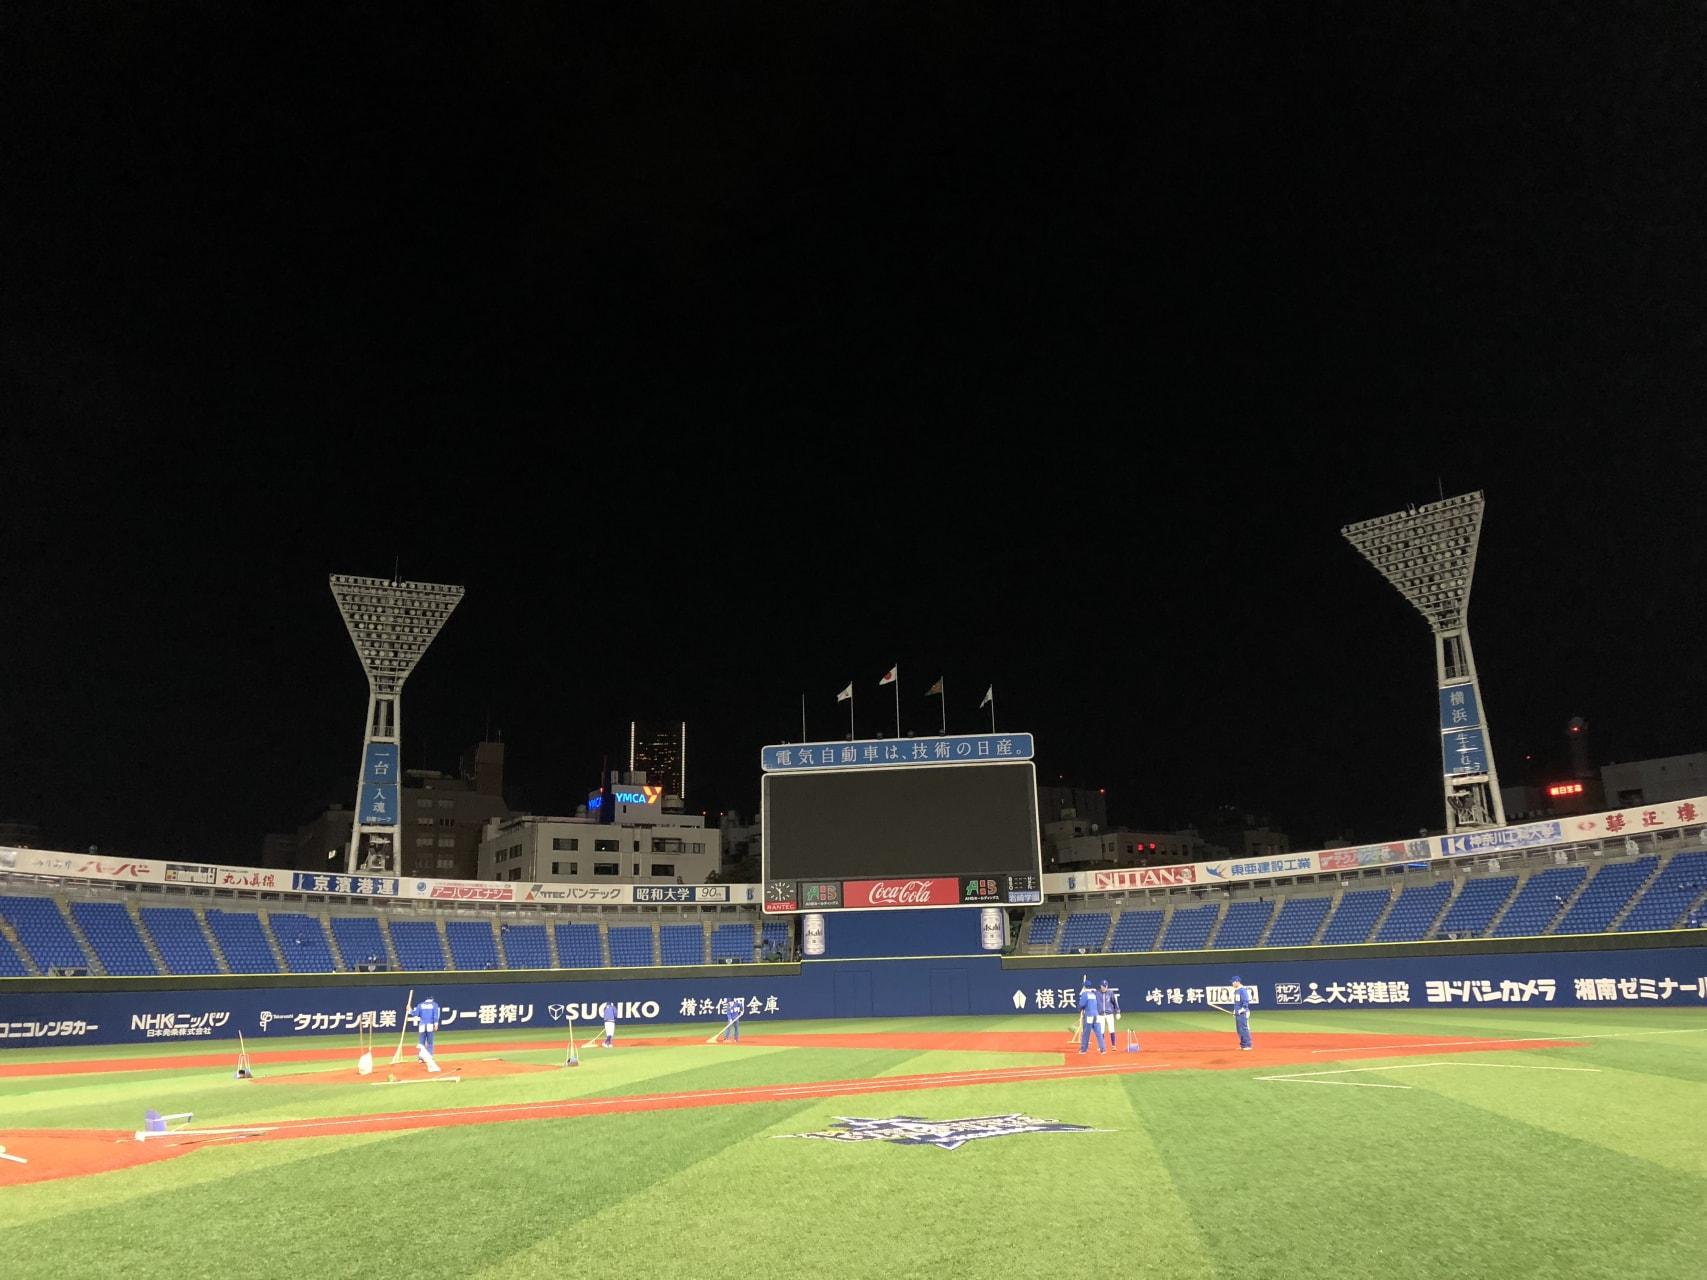 日本が野球世界ランキング1位を維持!女子野球&男子ソフトも!WBSCが ...